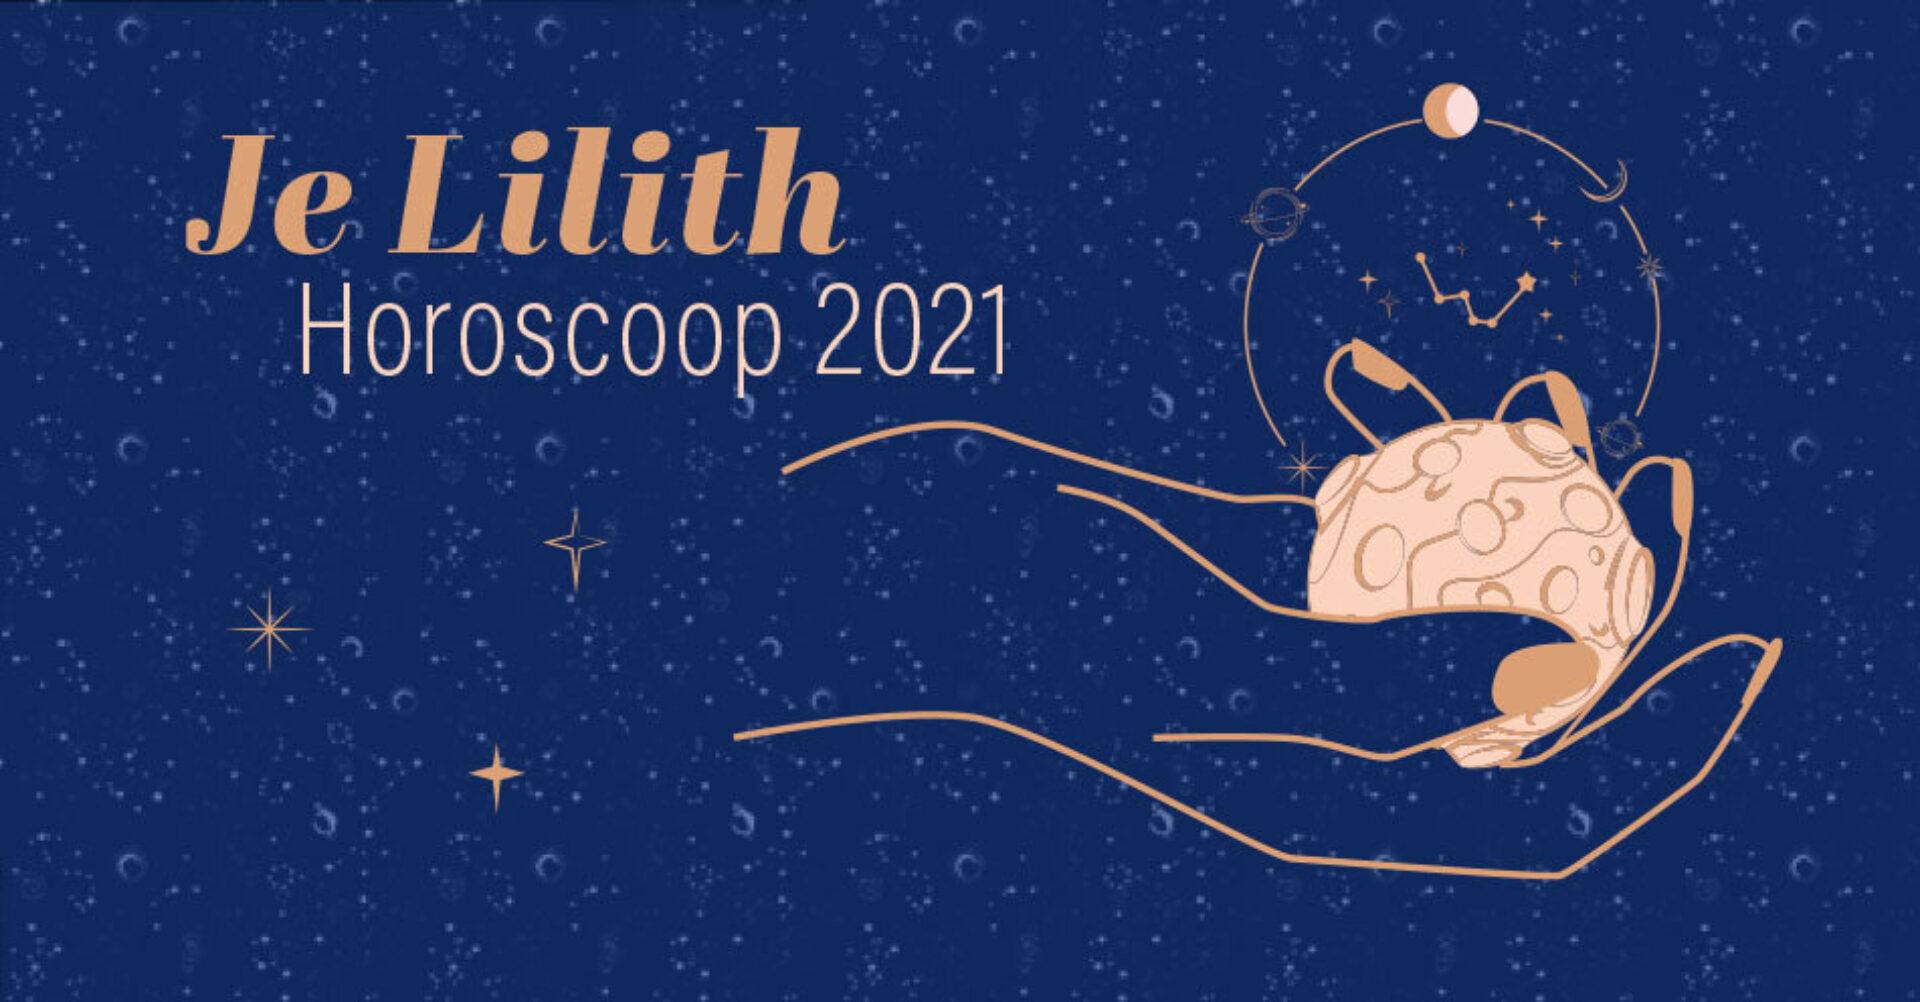 Je Lilith Horoscoop 2021: afdalen tot in de diepte van jezelf